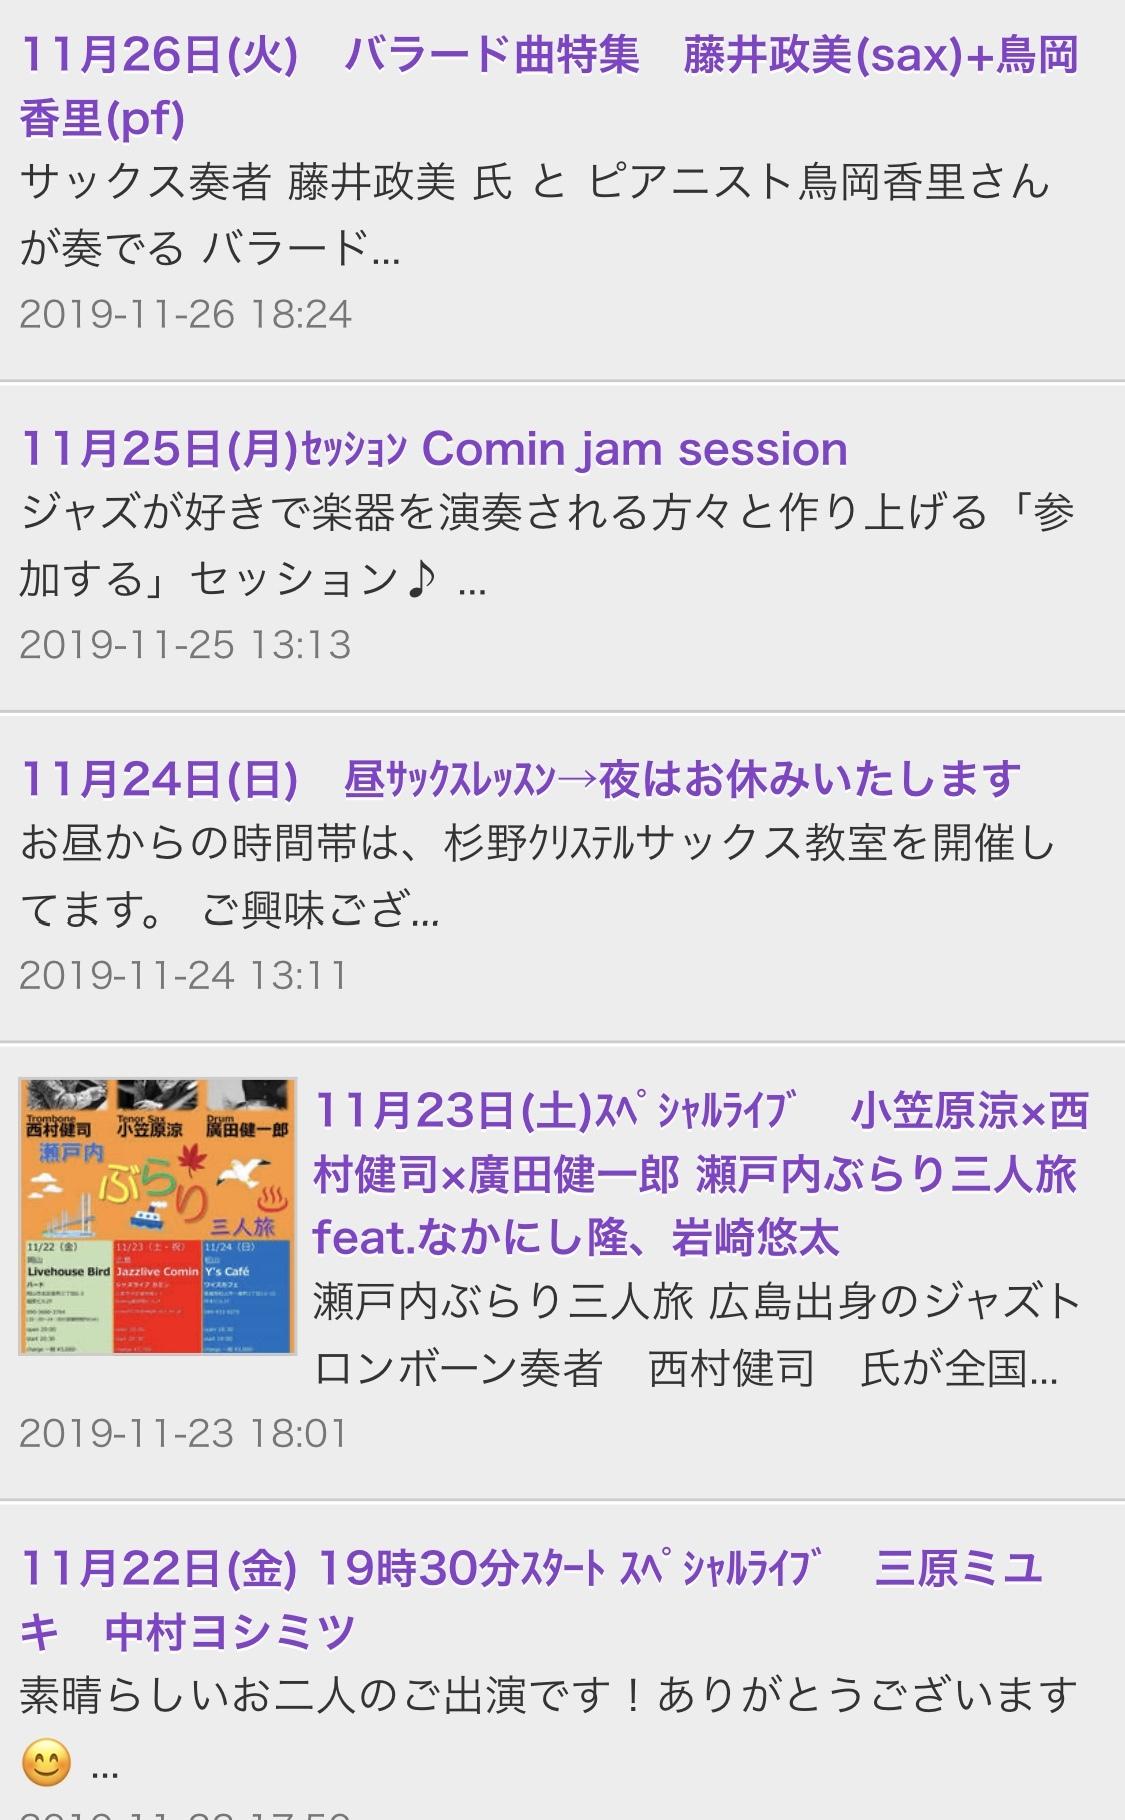 広島 ジャズライブカミン  Jazzlive Comin 本日は貸し切り営業です。_b0115606_11403461.jpeg